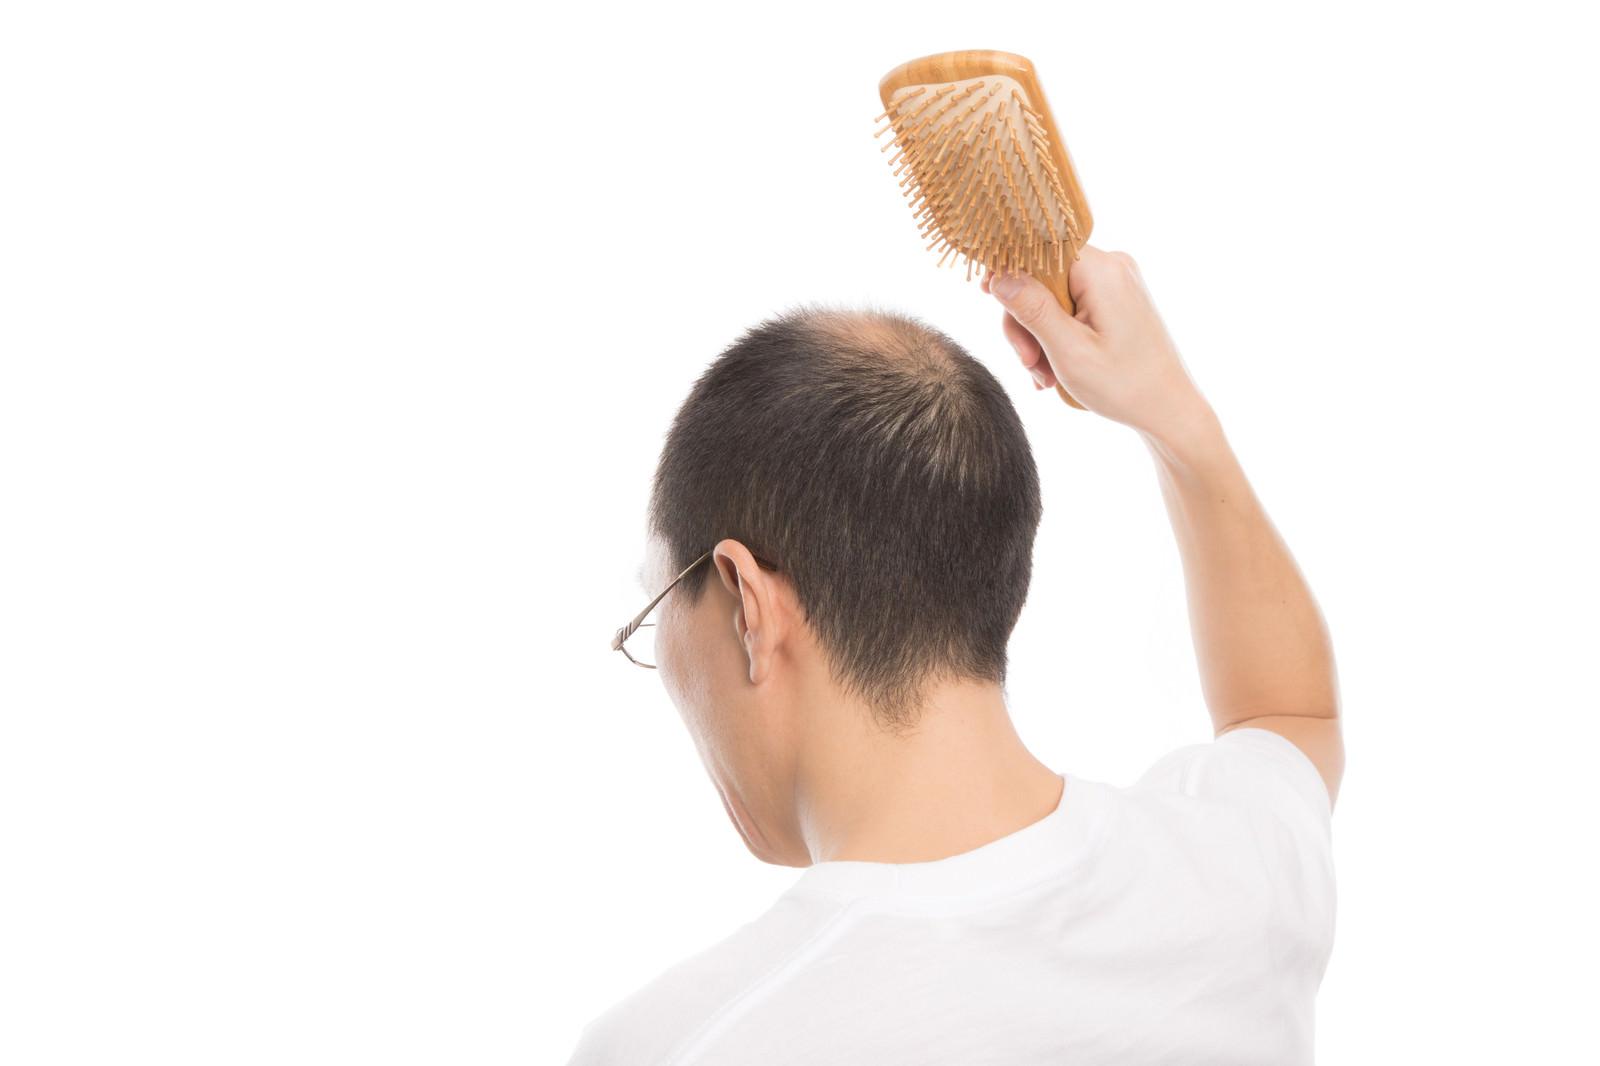 「育毛促進! 頭皮マッサージで血行をよくする薄毛男性」の写真[モデル:サンライズ鈴木]